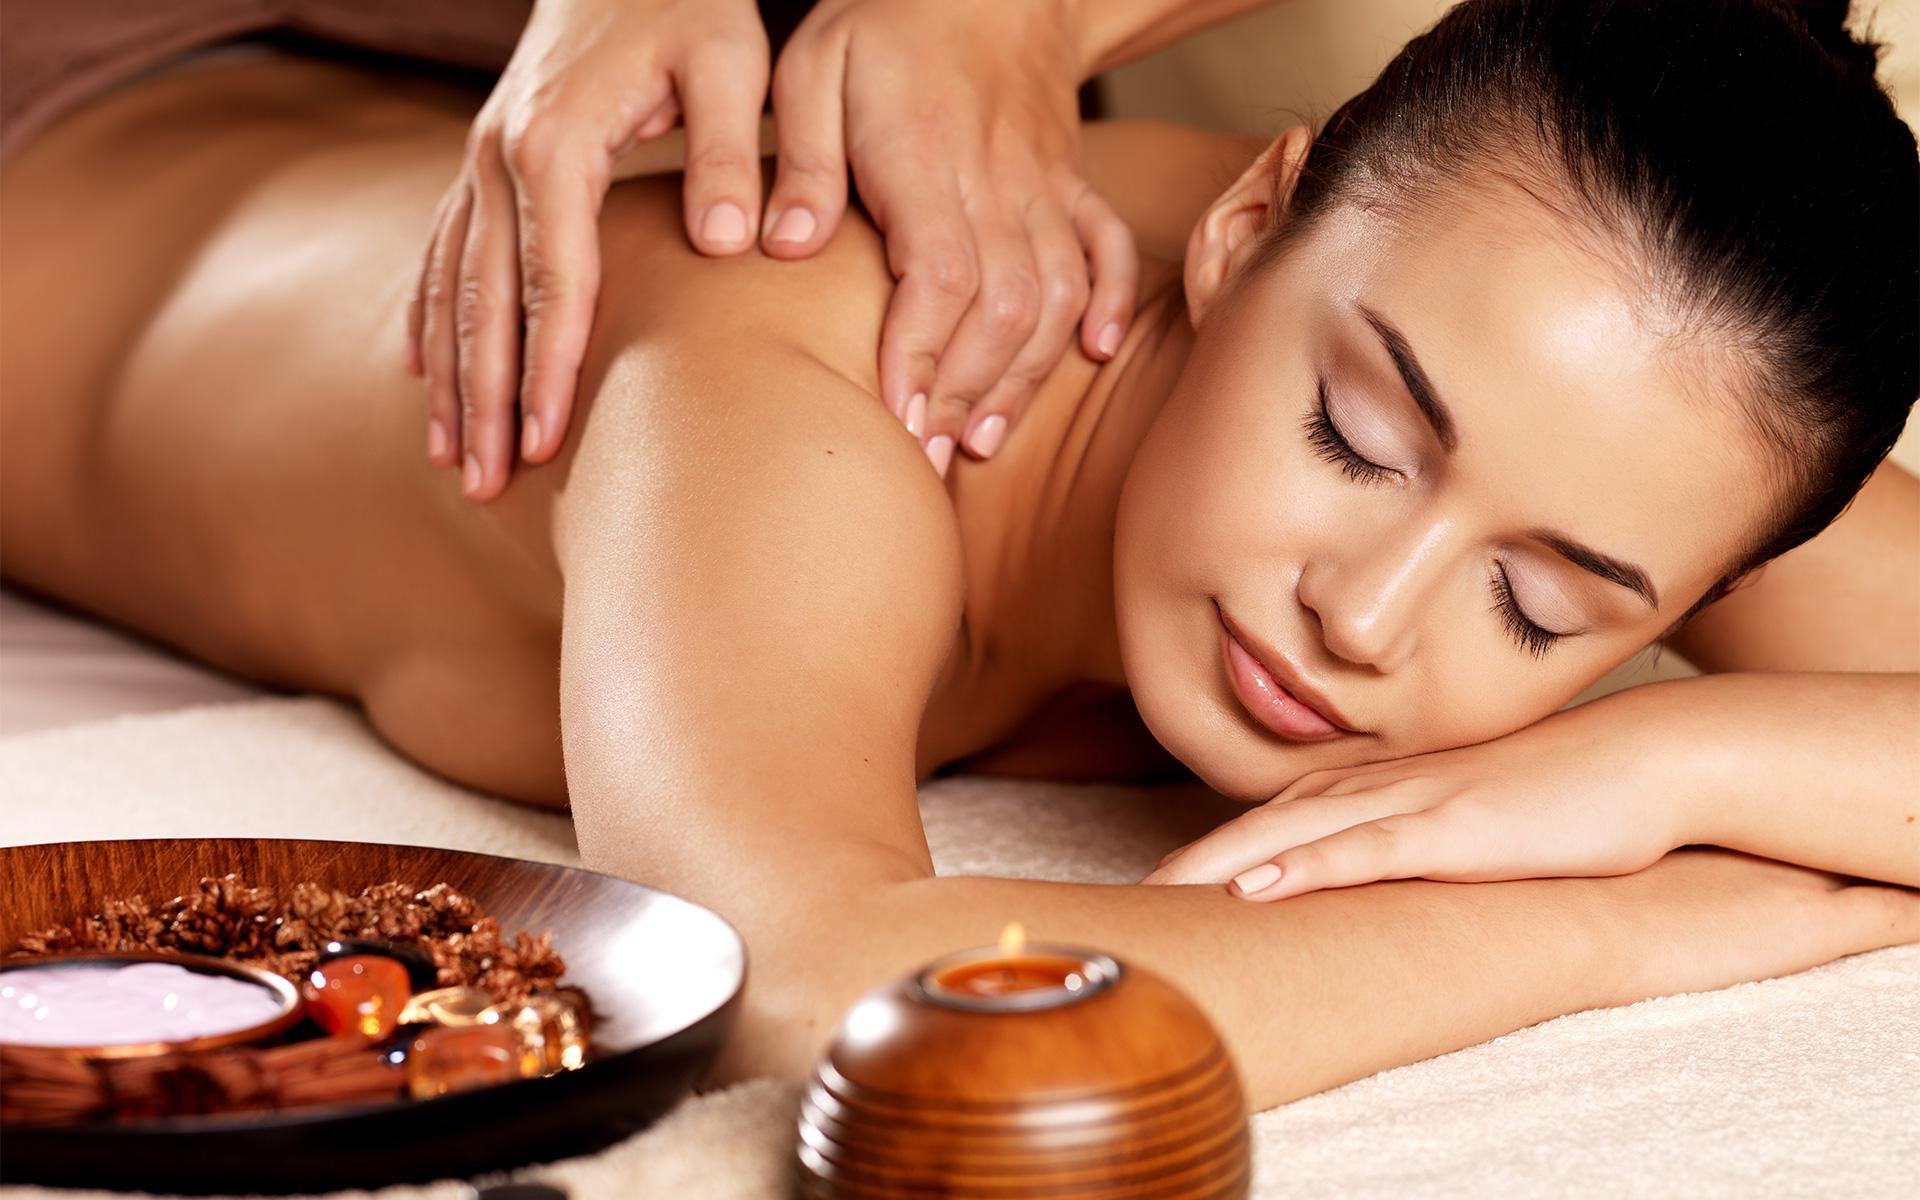 glavnaia klassicheskii massazh